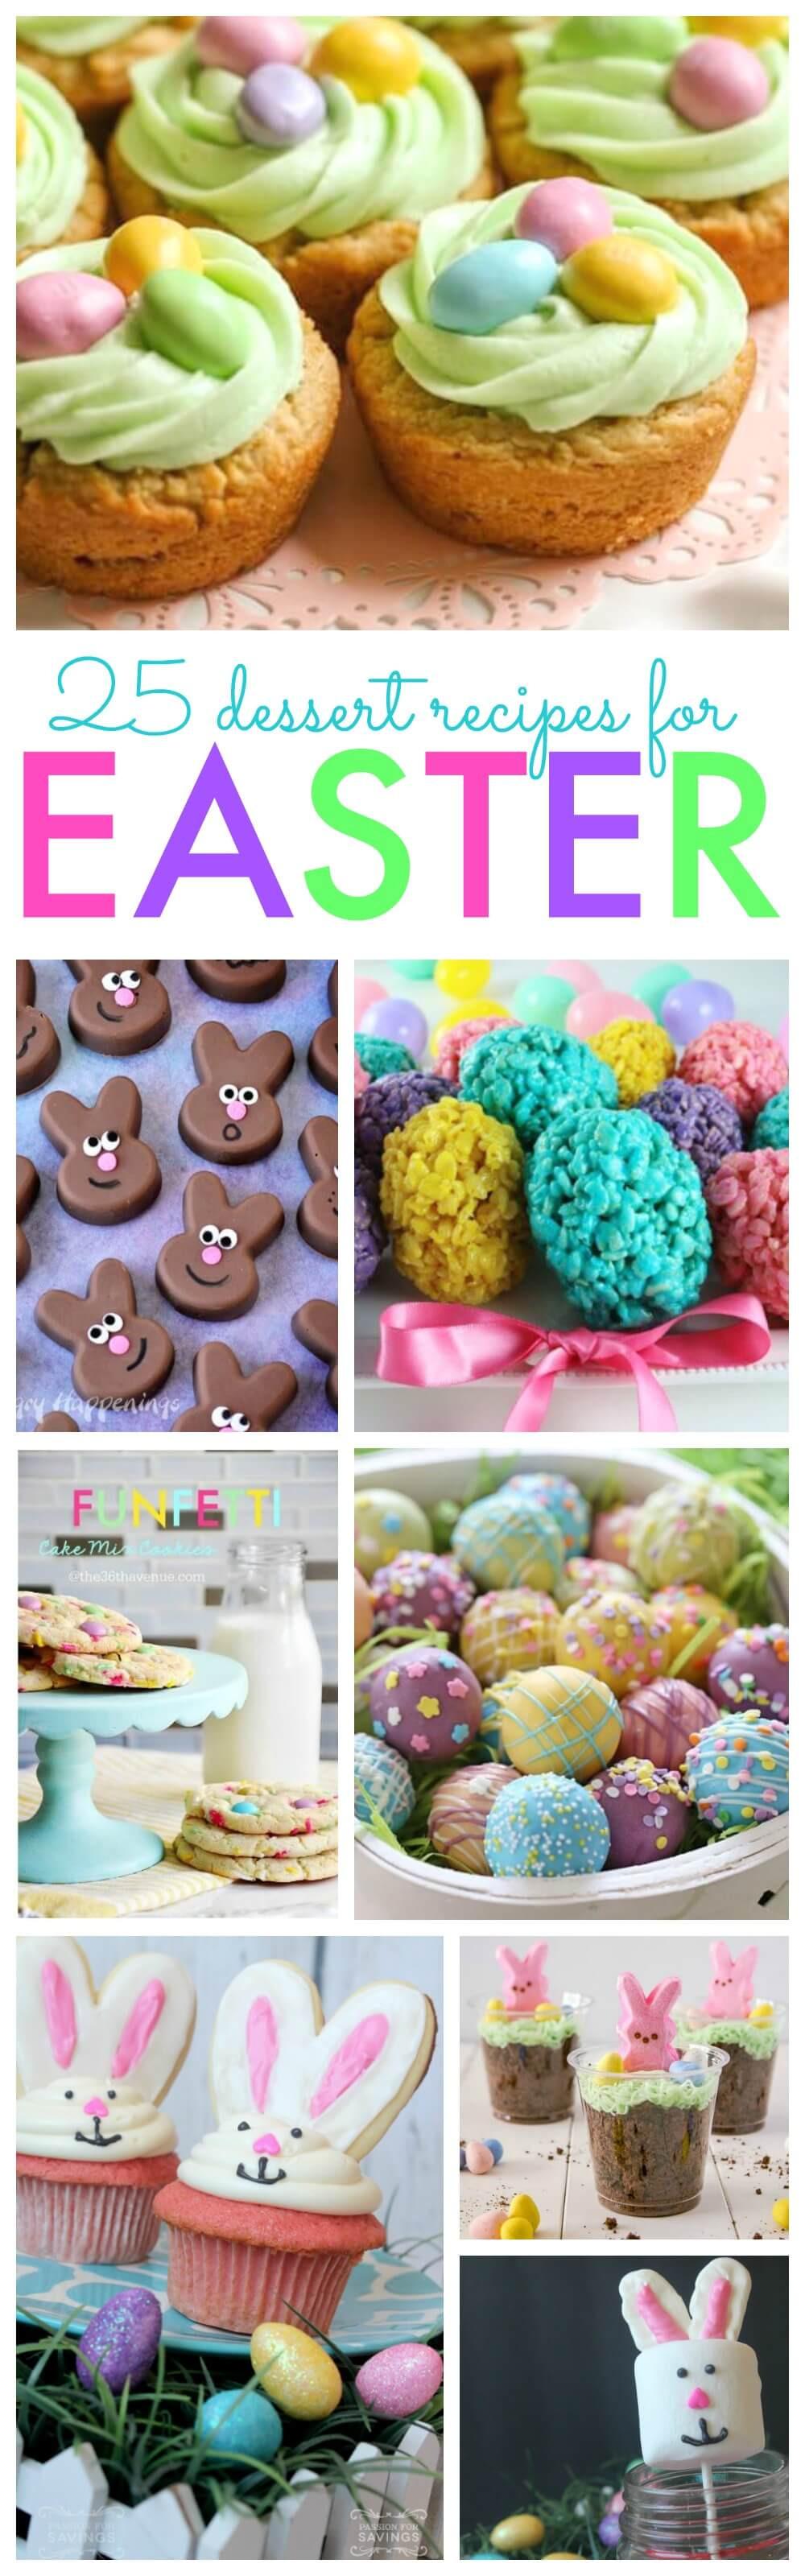 Harris Teeter Easter Dinner  Easter Desserts Your Family Will Love